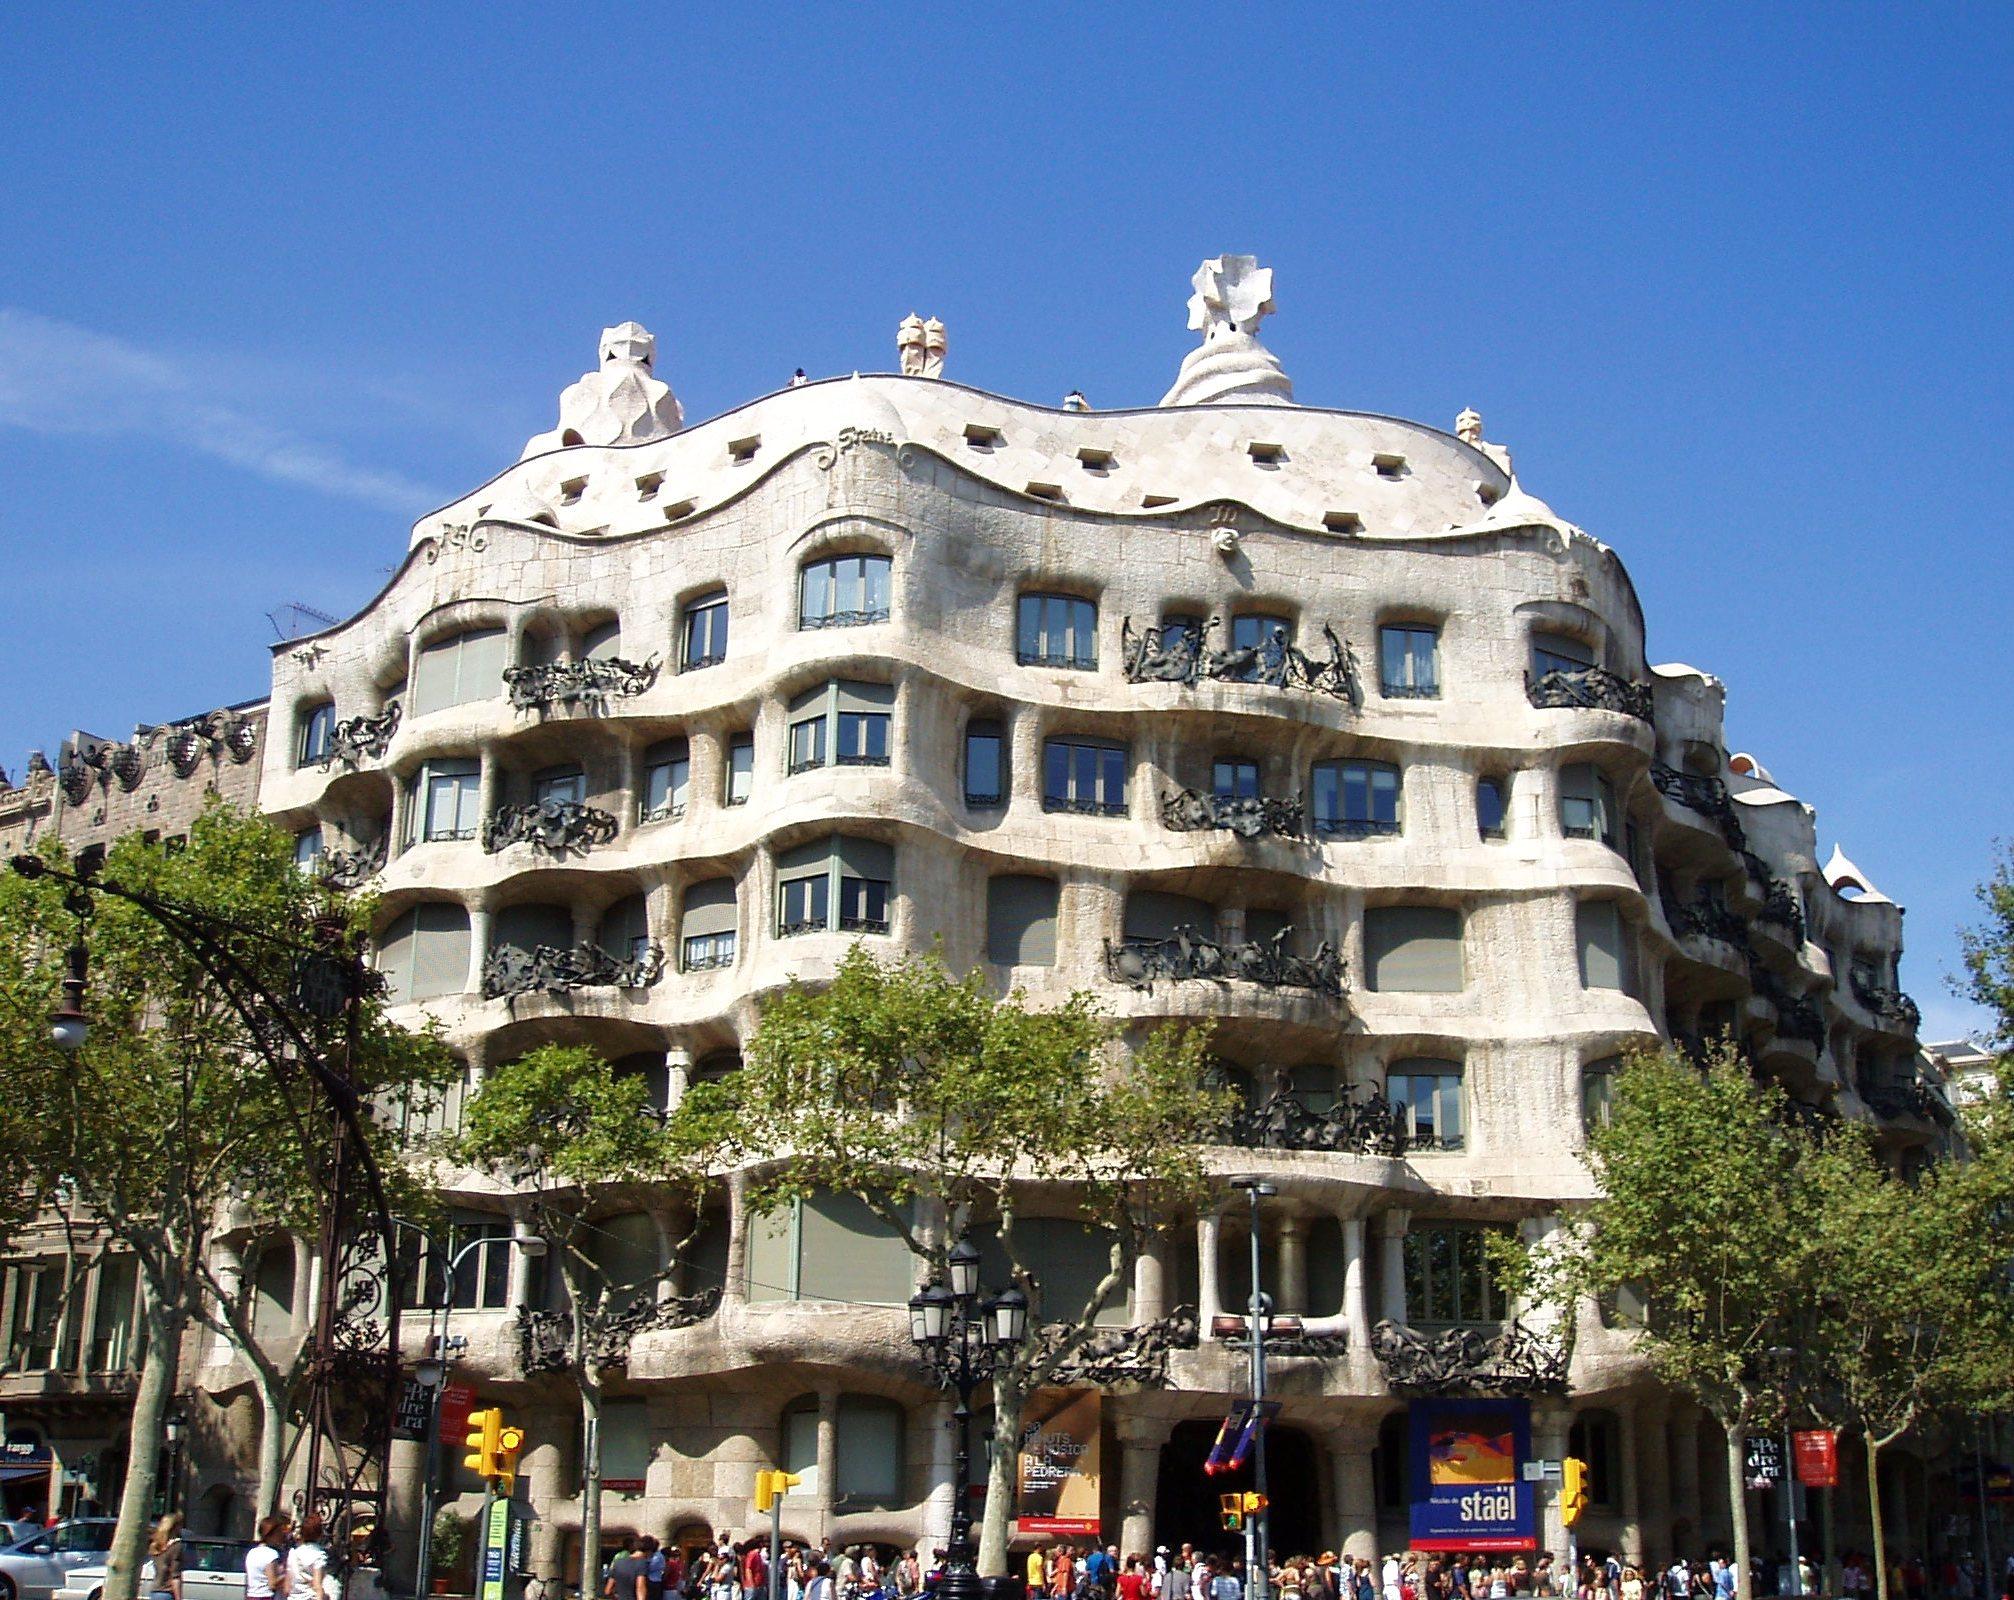 Gaudi's scavenger hunt in Barcelona